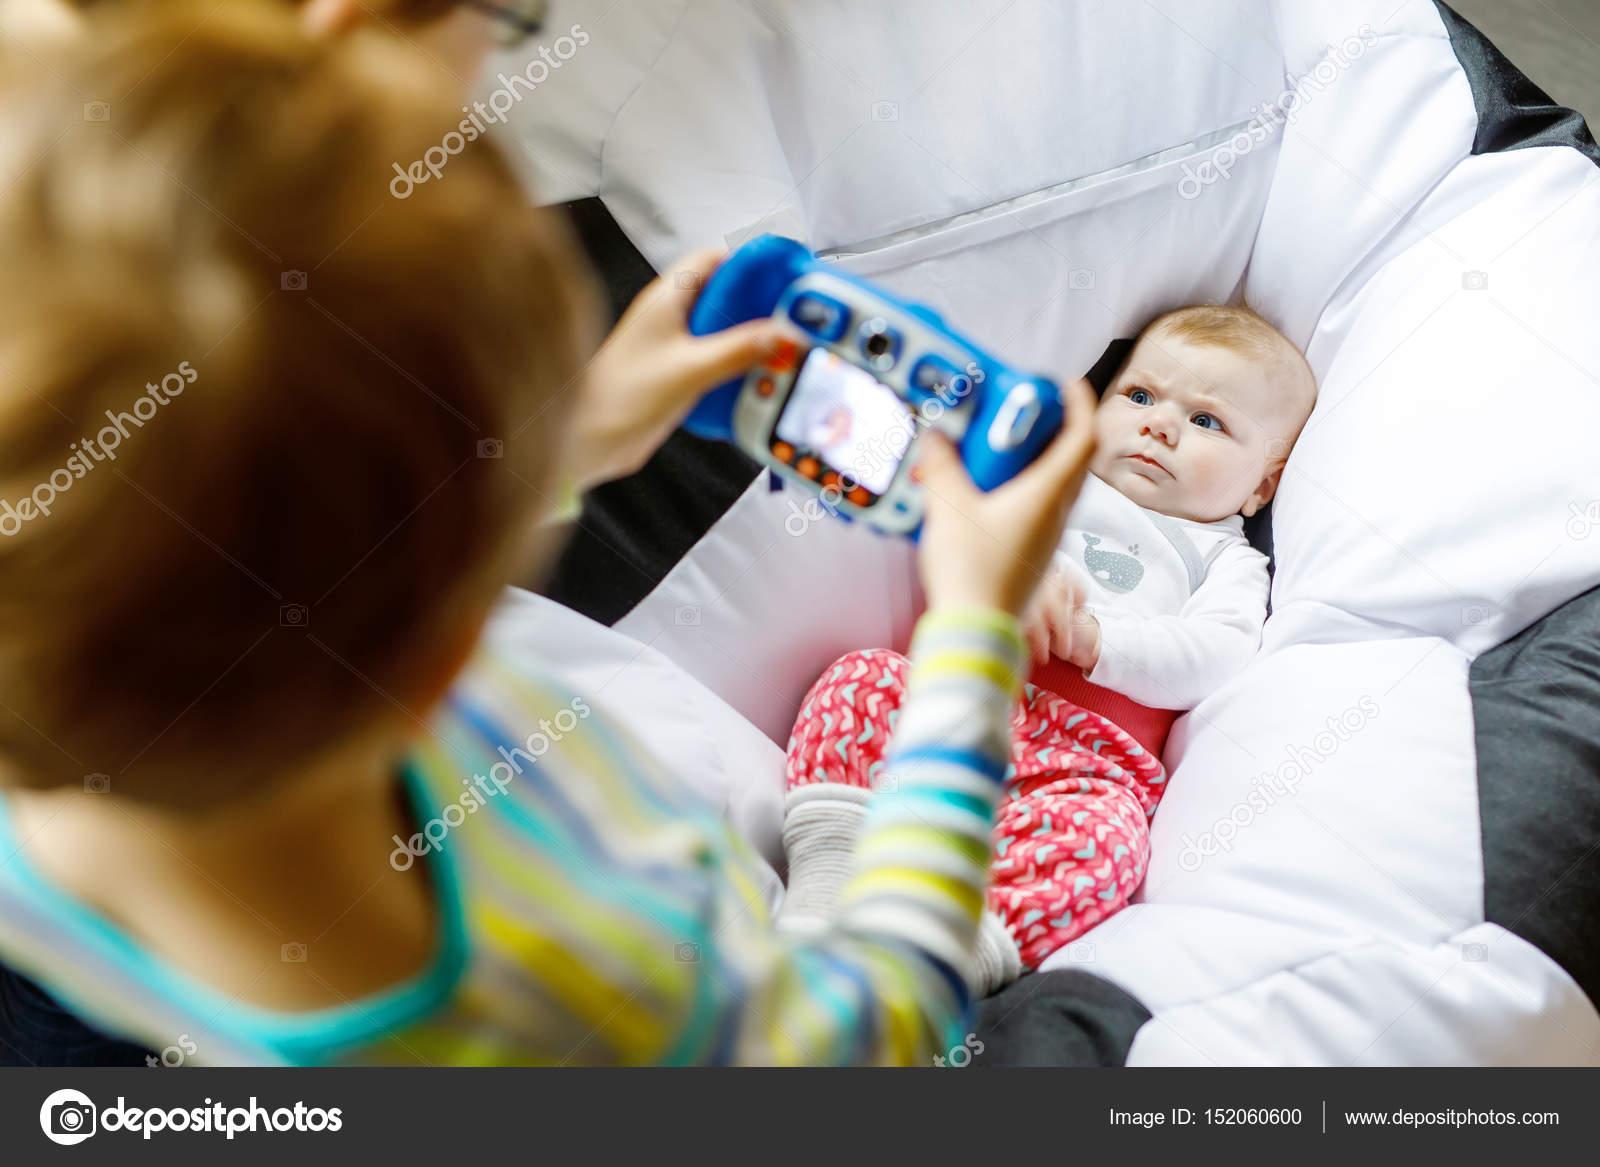 2 人の兄弟の子供の男の子かわいい女の赤ちゃんのおもちゃのカメラで写真